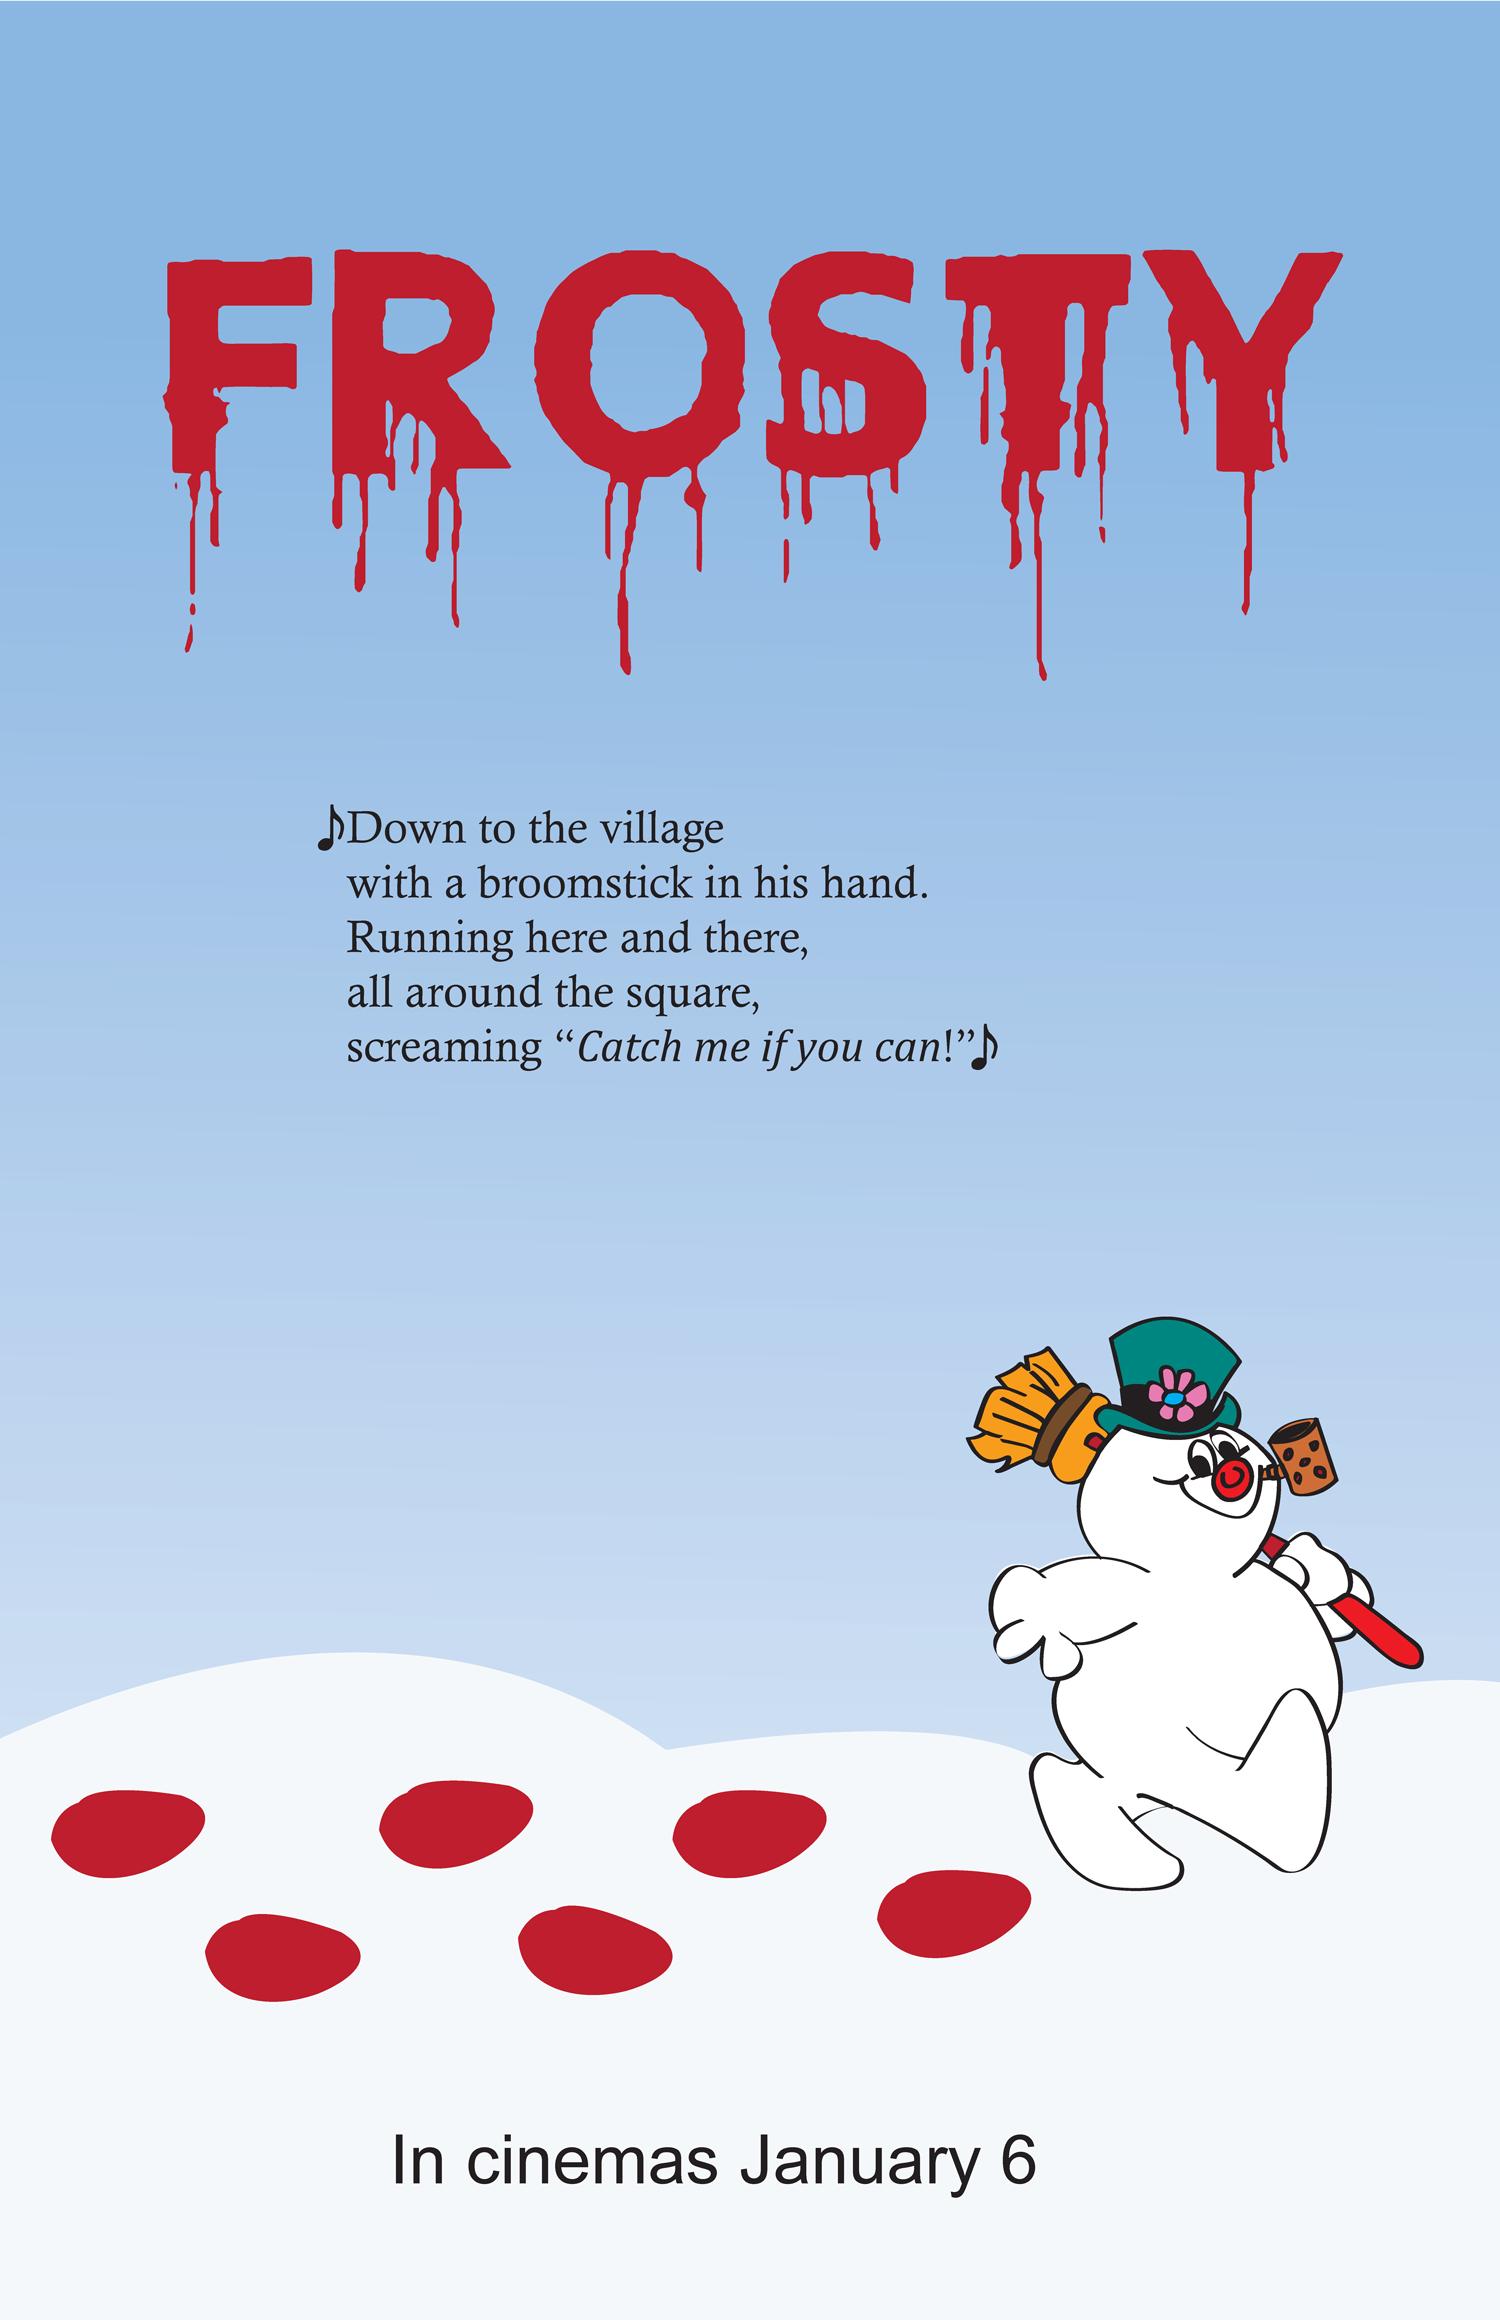 Evil Frosty Movie Poster